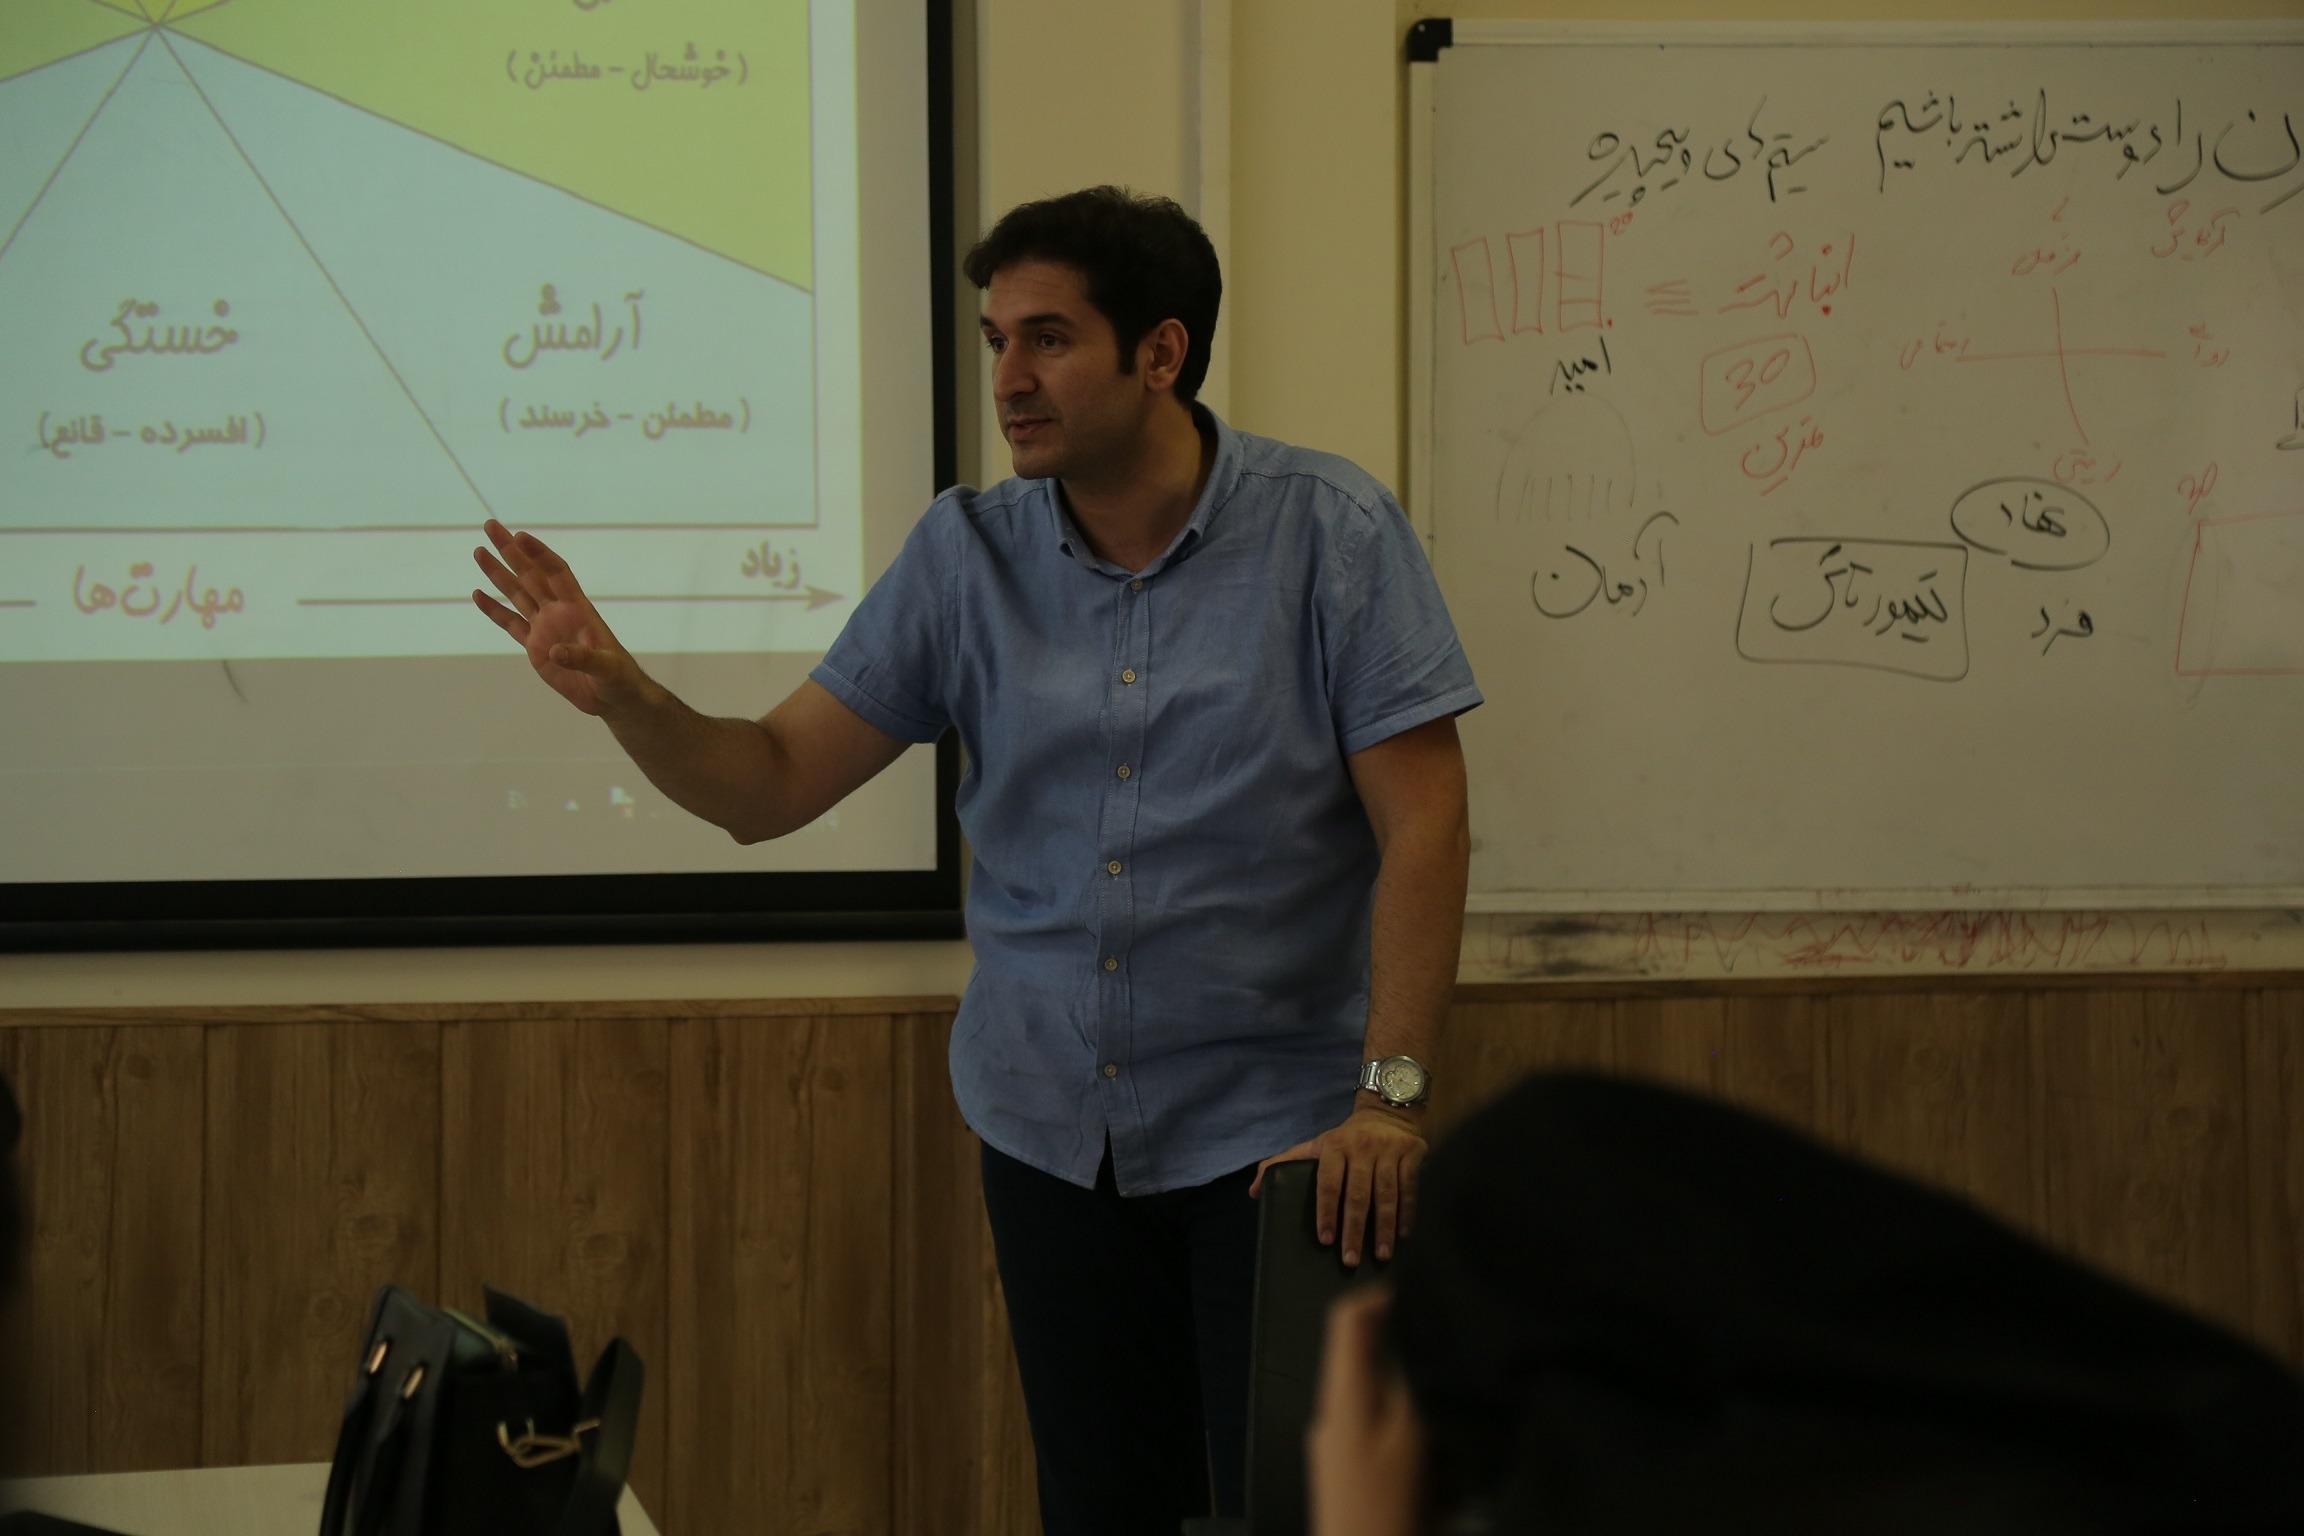 مربی مدرس استاد مدیریت زمان - سجاد سلیمانی